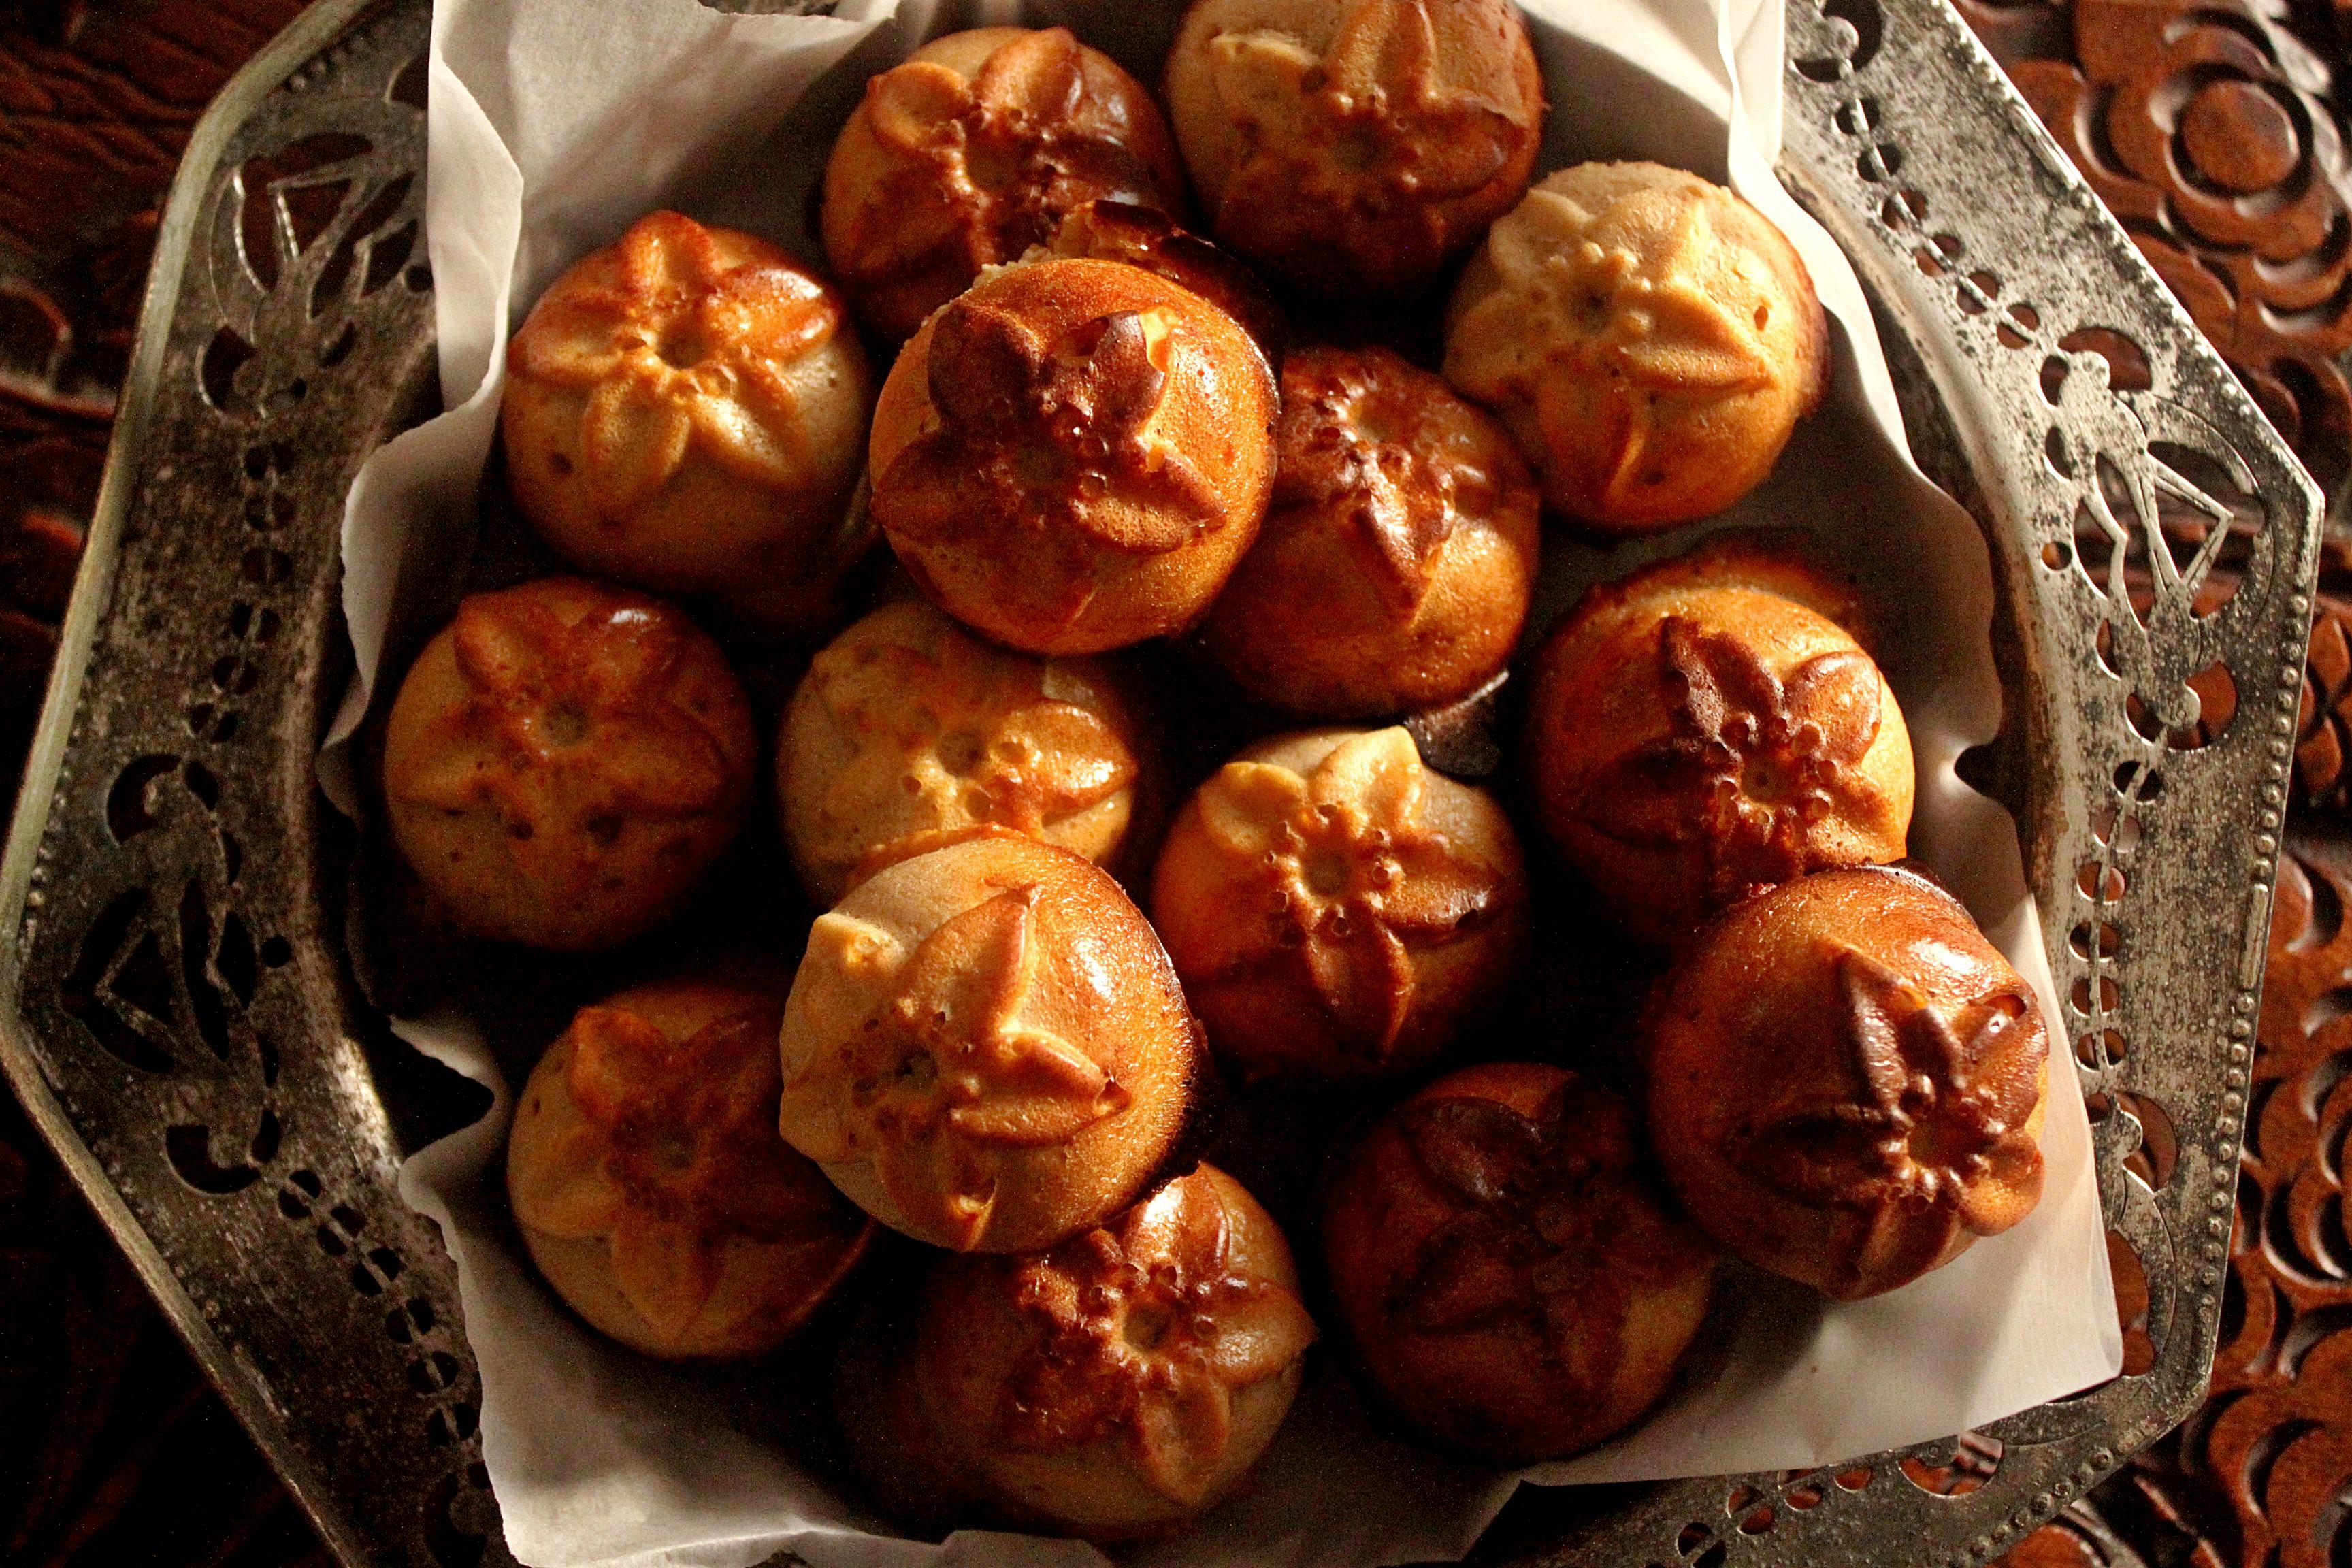 עוגיות 6 גרם חלבון לאחת